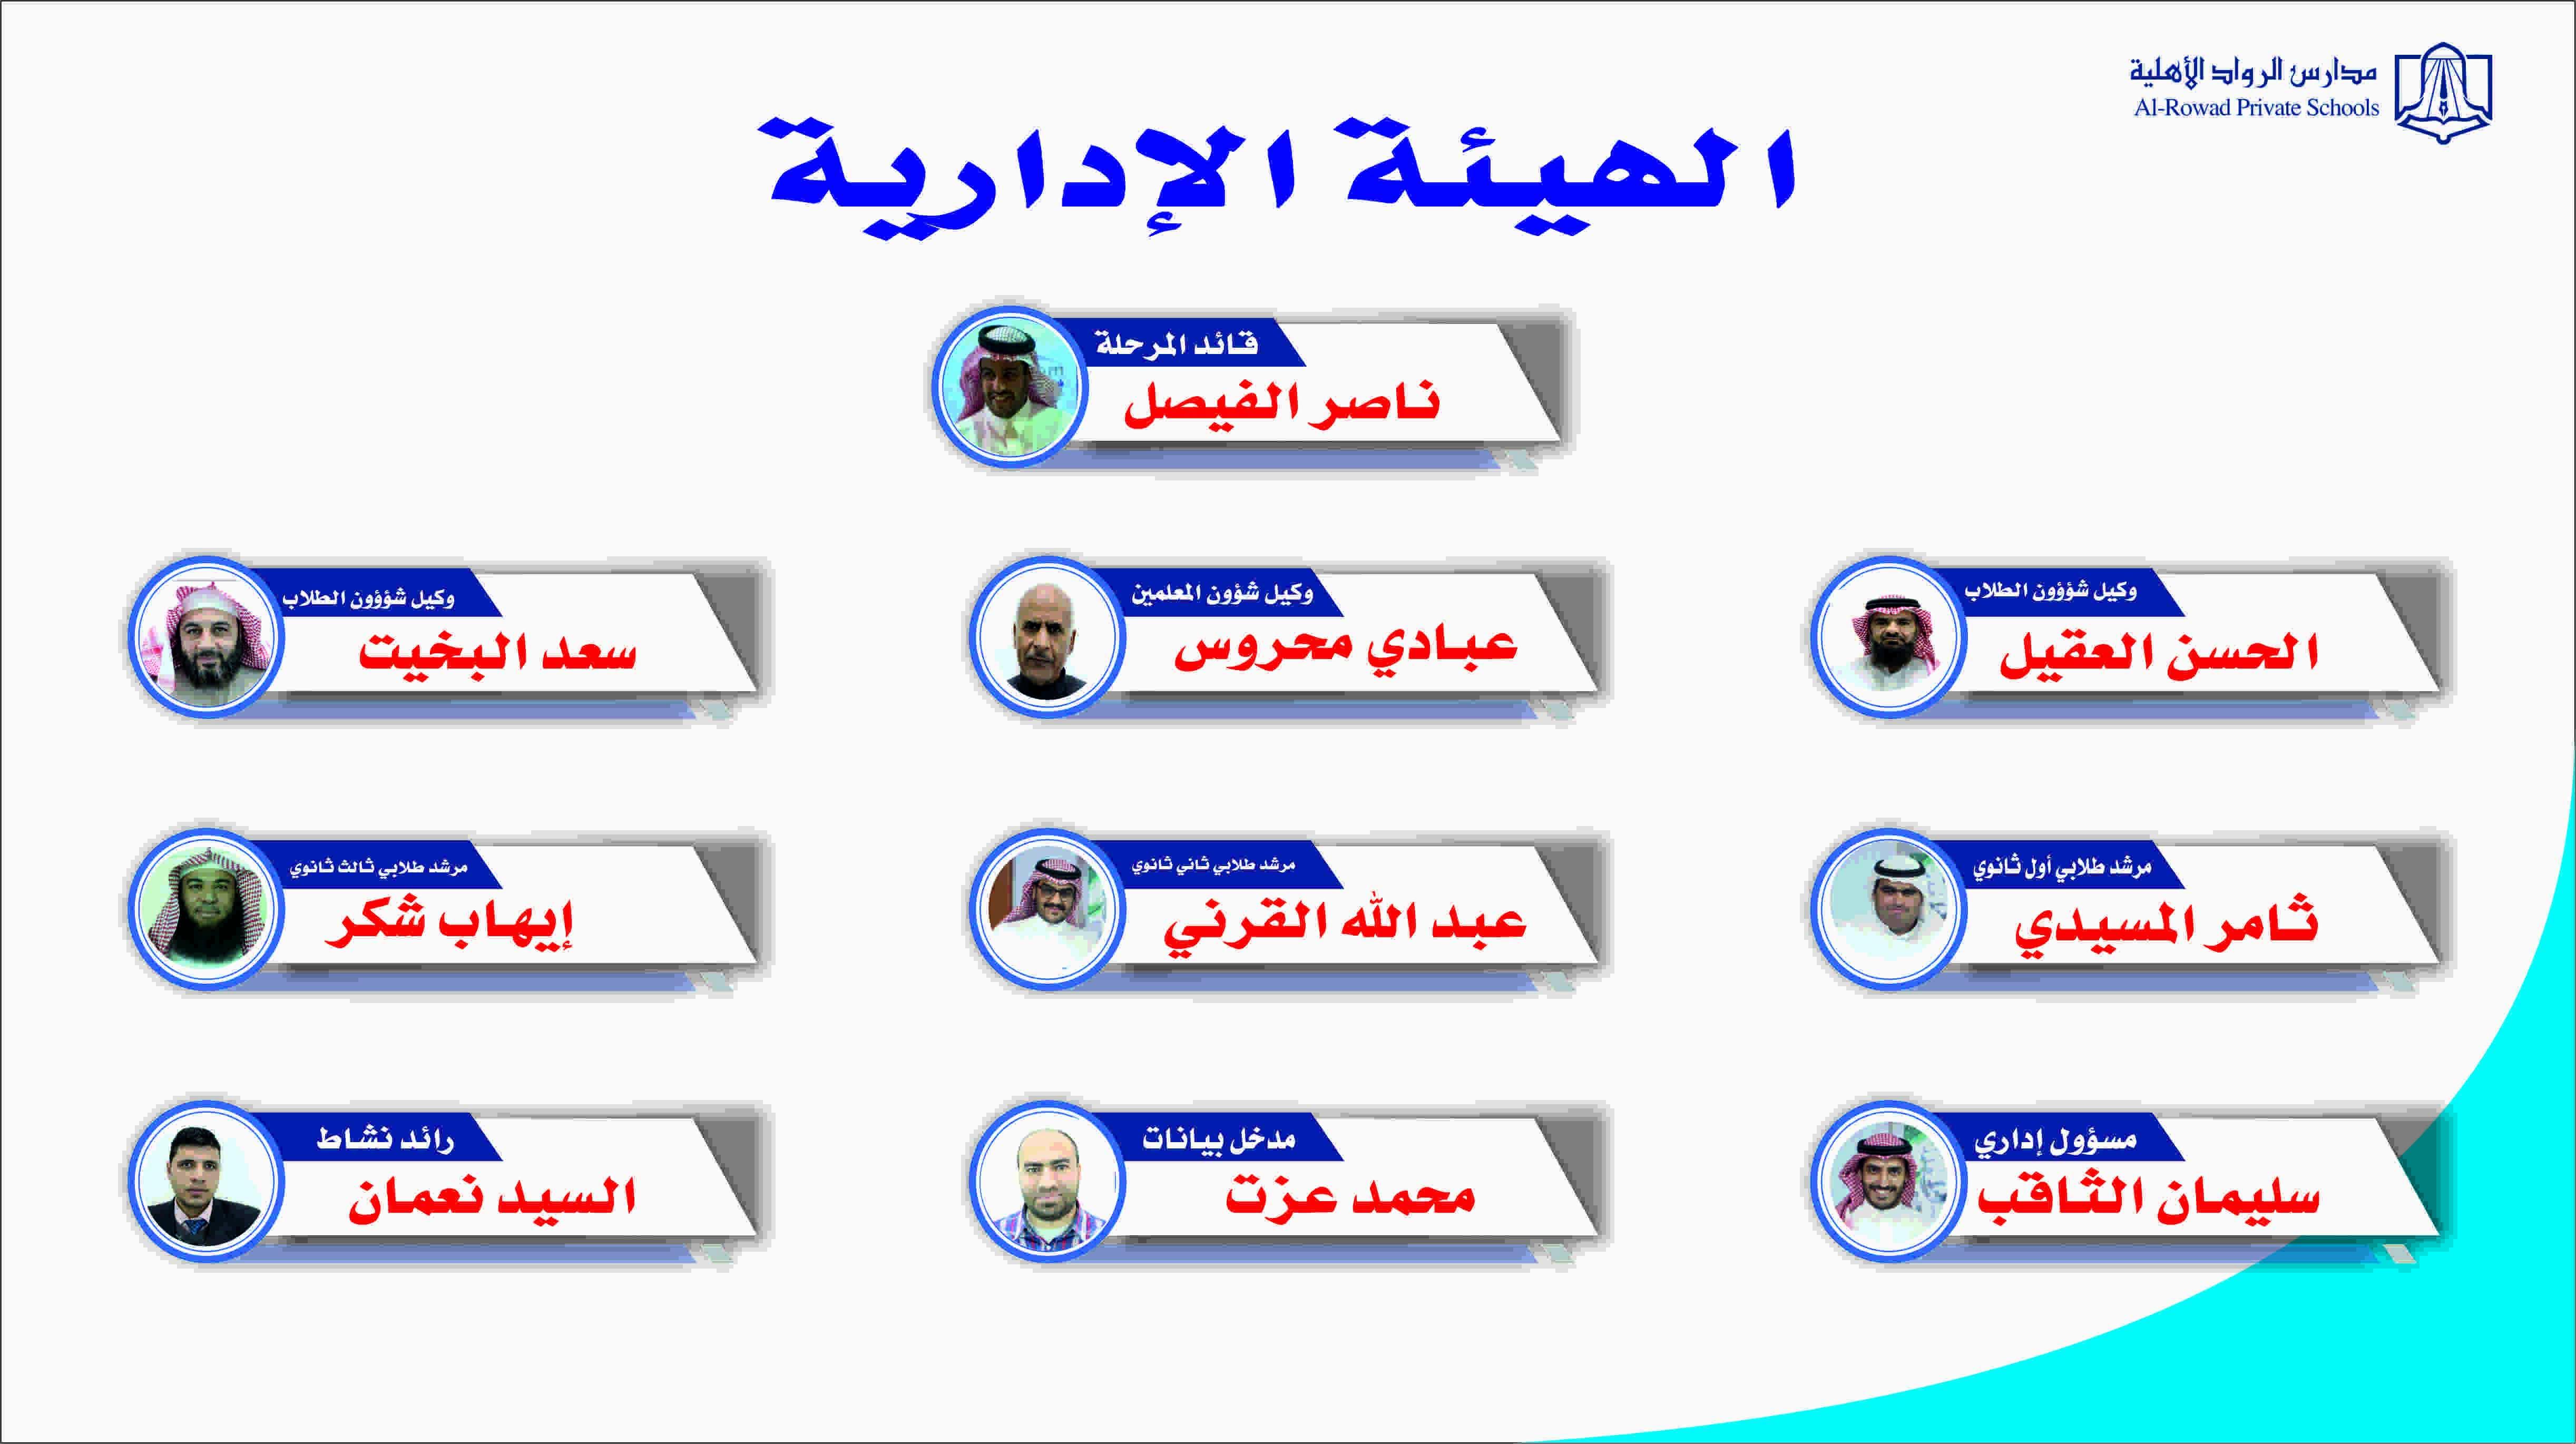 الهيئة الإدارية القسم الثانوي